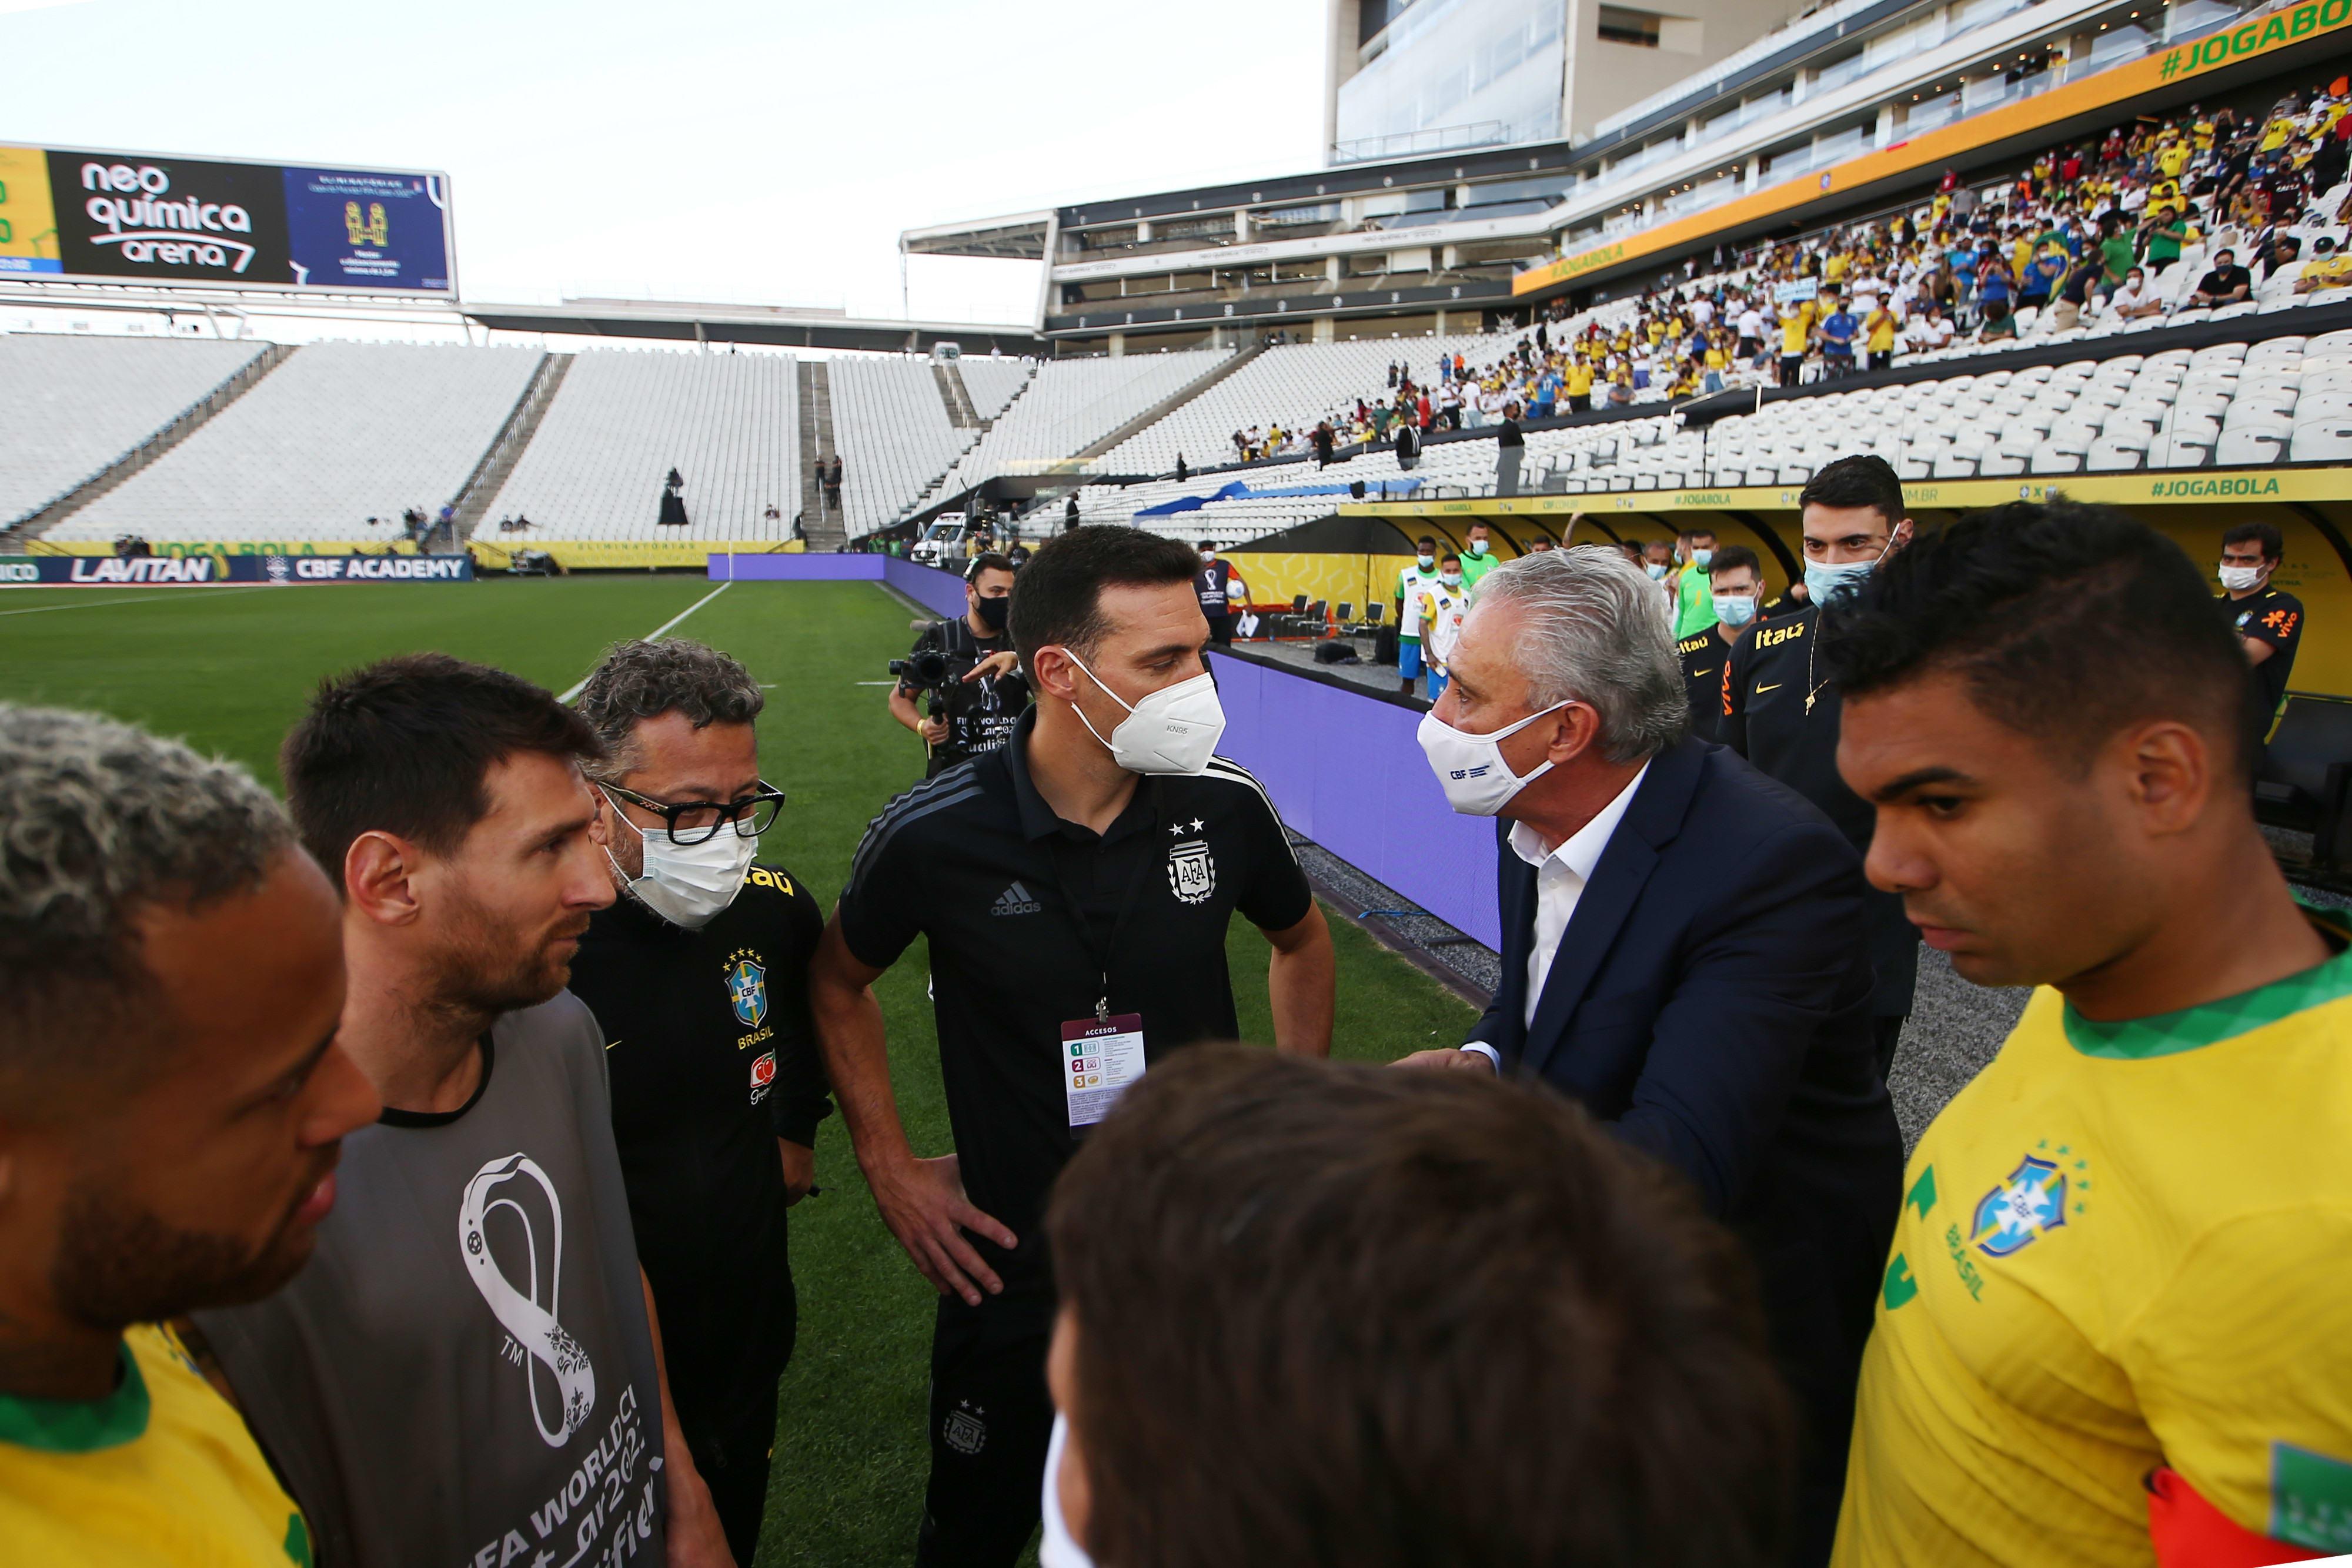 מאמן נבחרת ארגנטינה ליאונל סקאלוני, שחקן נבחרת ארגנטינה ליאונל מסי, שחקן נבחרת ברזיל קאסמירו